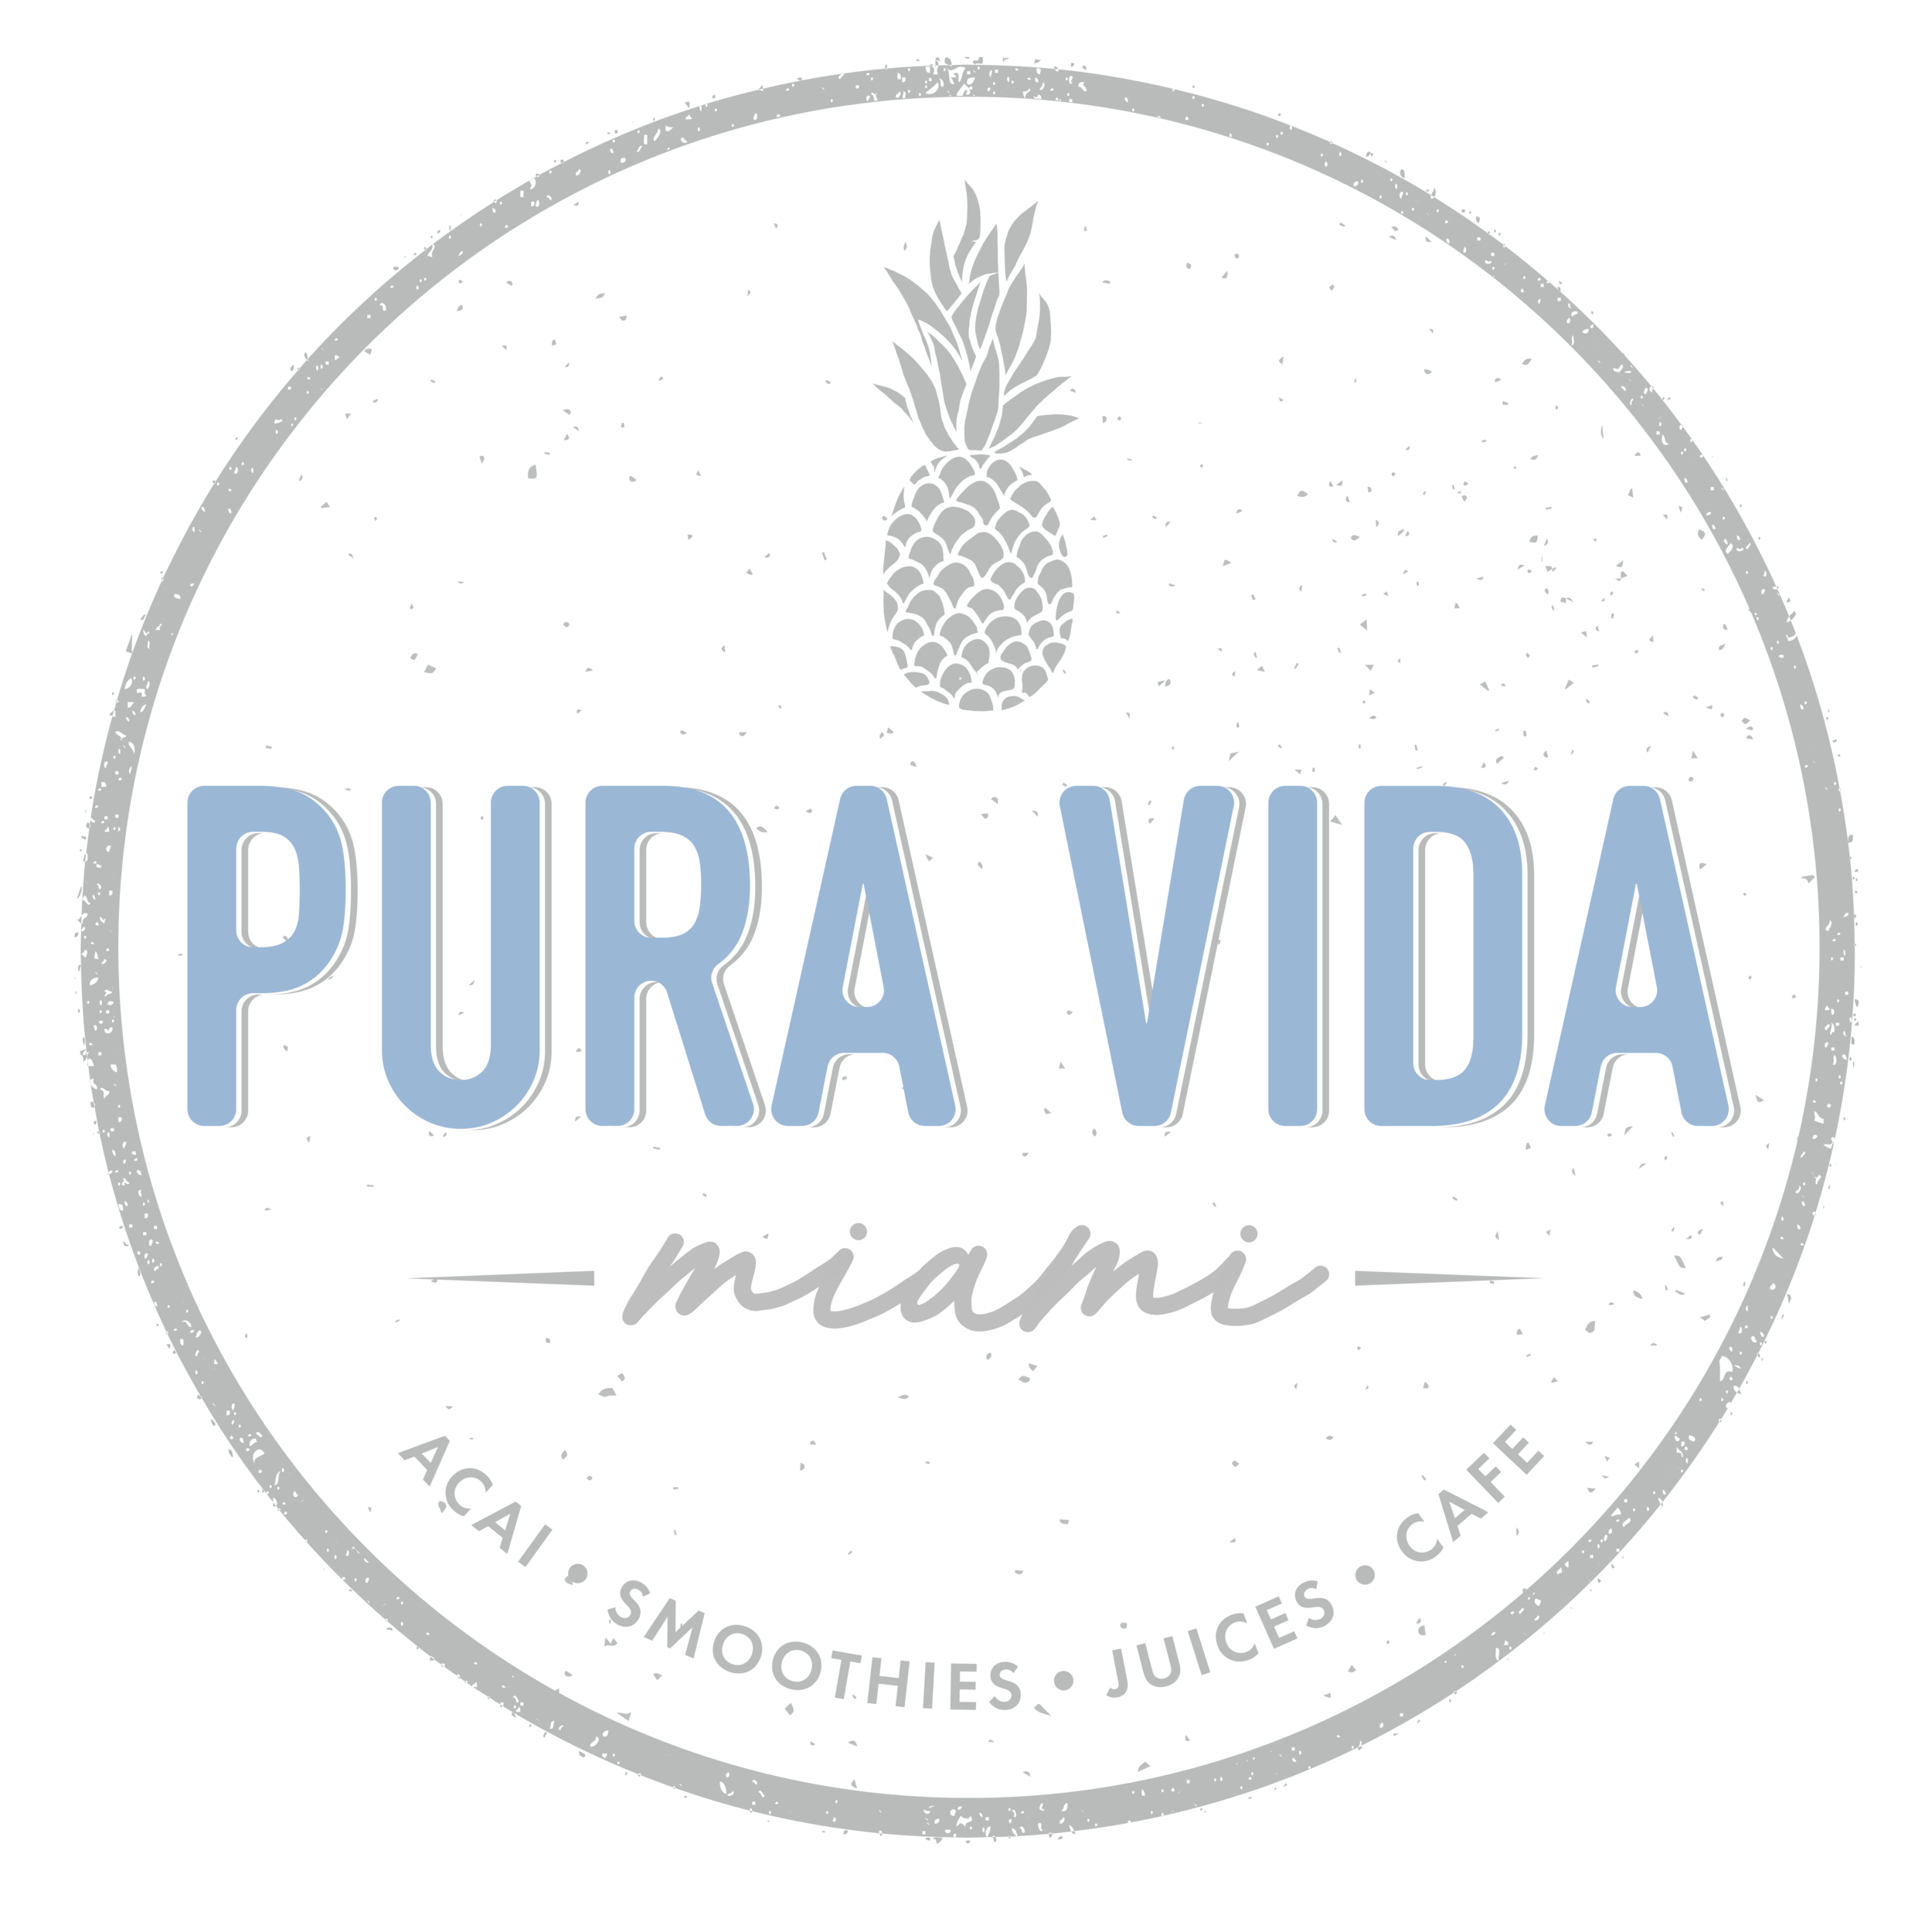 Pura Vida 2018 logo.png